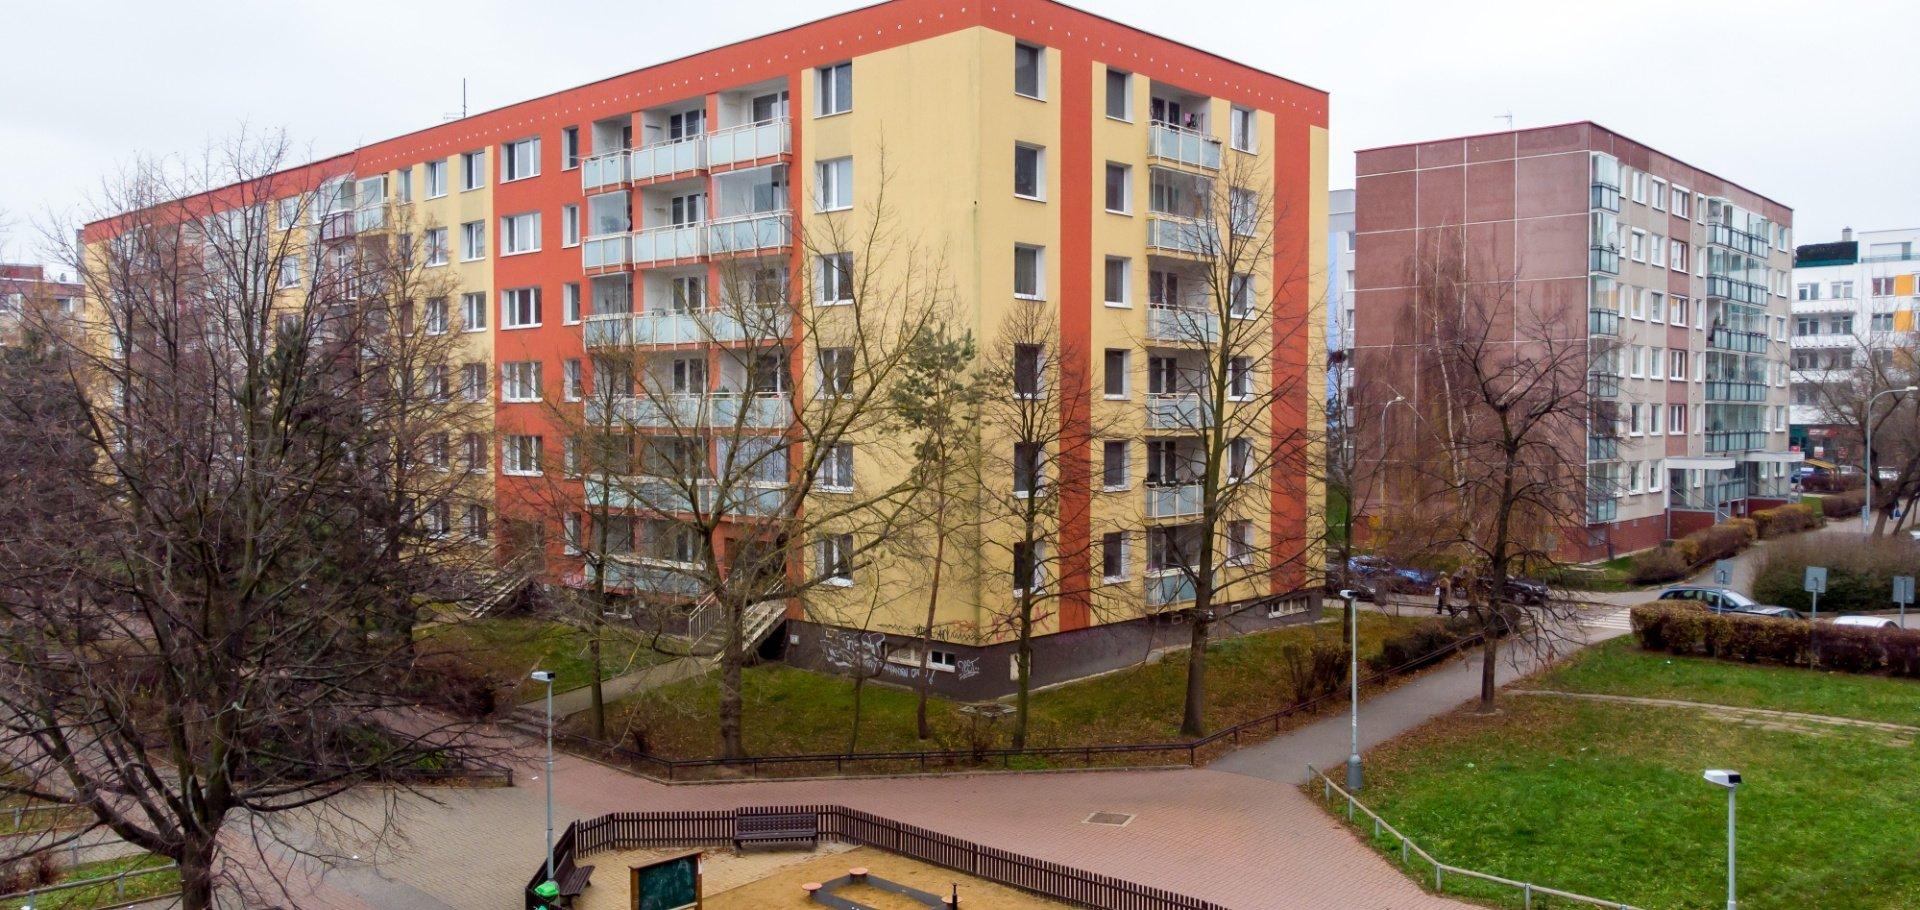 Prodej zrekonstruovaného bytu 2+kk, 45,3m² s prosklenou lodžií 3,2 m2 - Praha - Hlubočepy